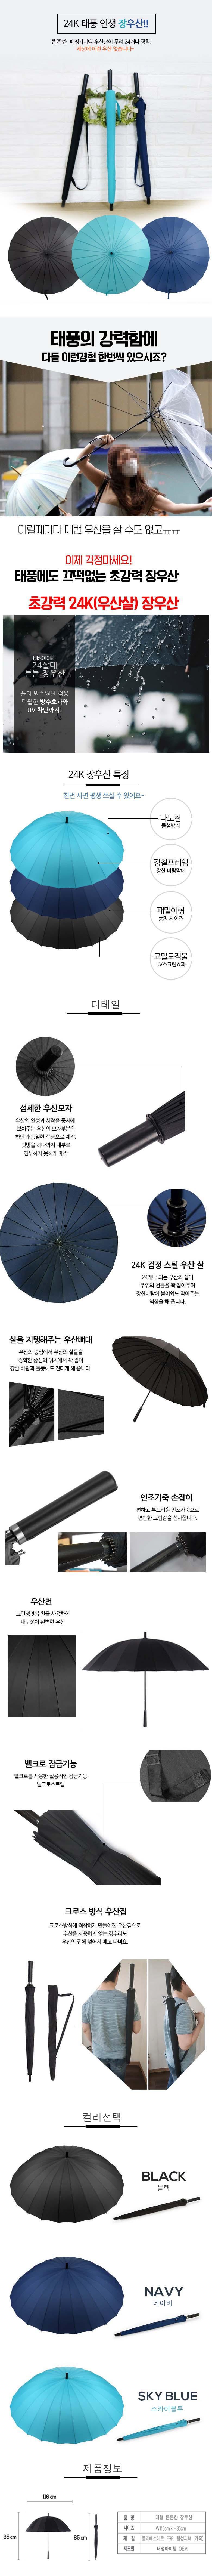 태풍에도 걱정없는 장우산! 우산살이 무려 24개! 24K 태풍 장 우산